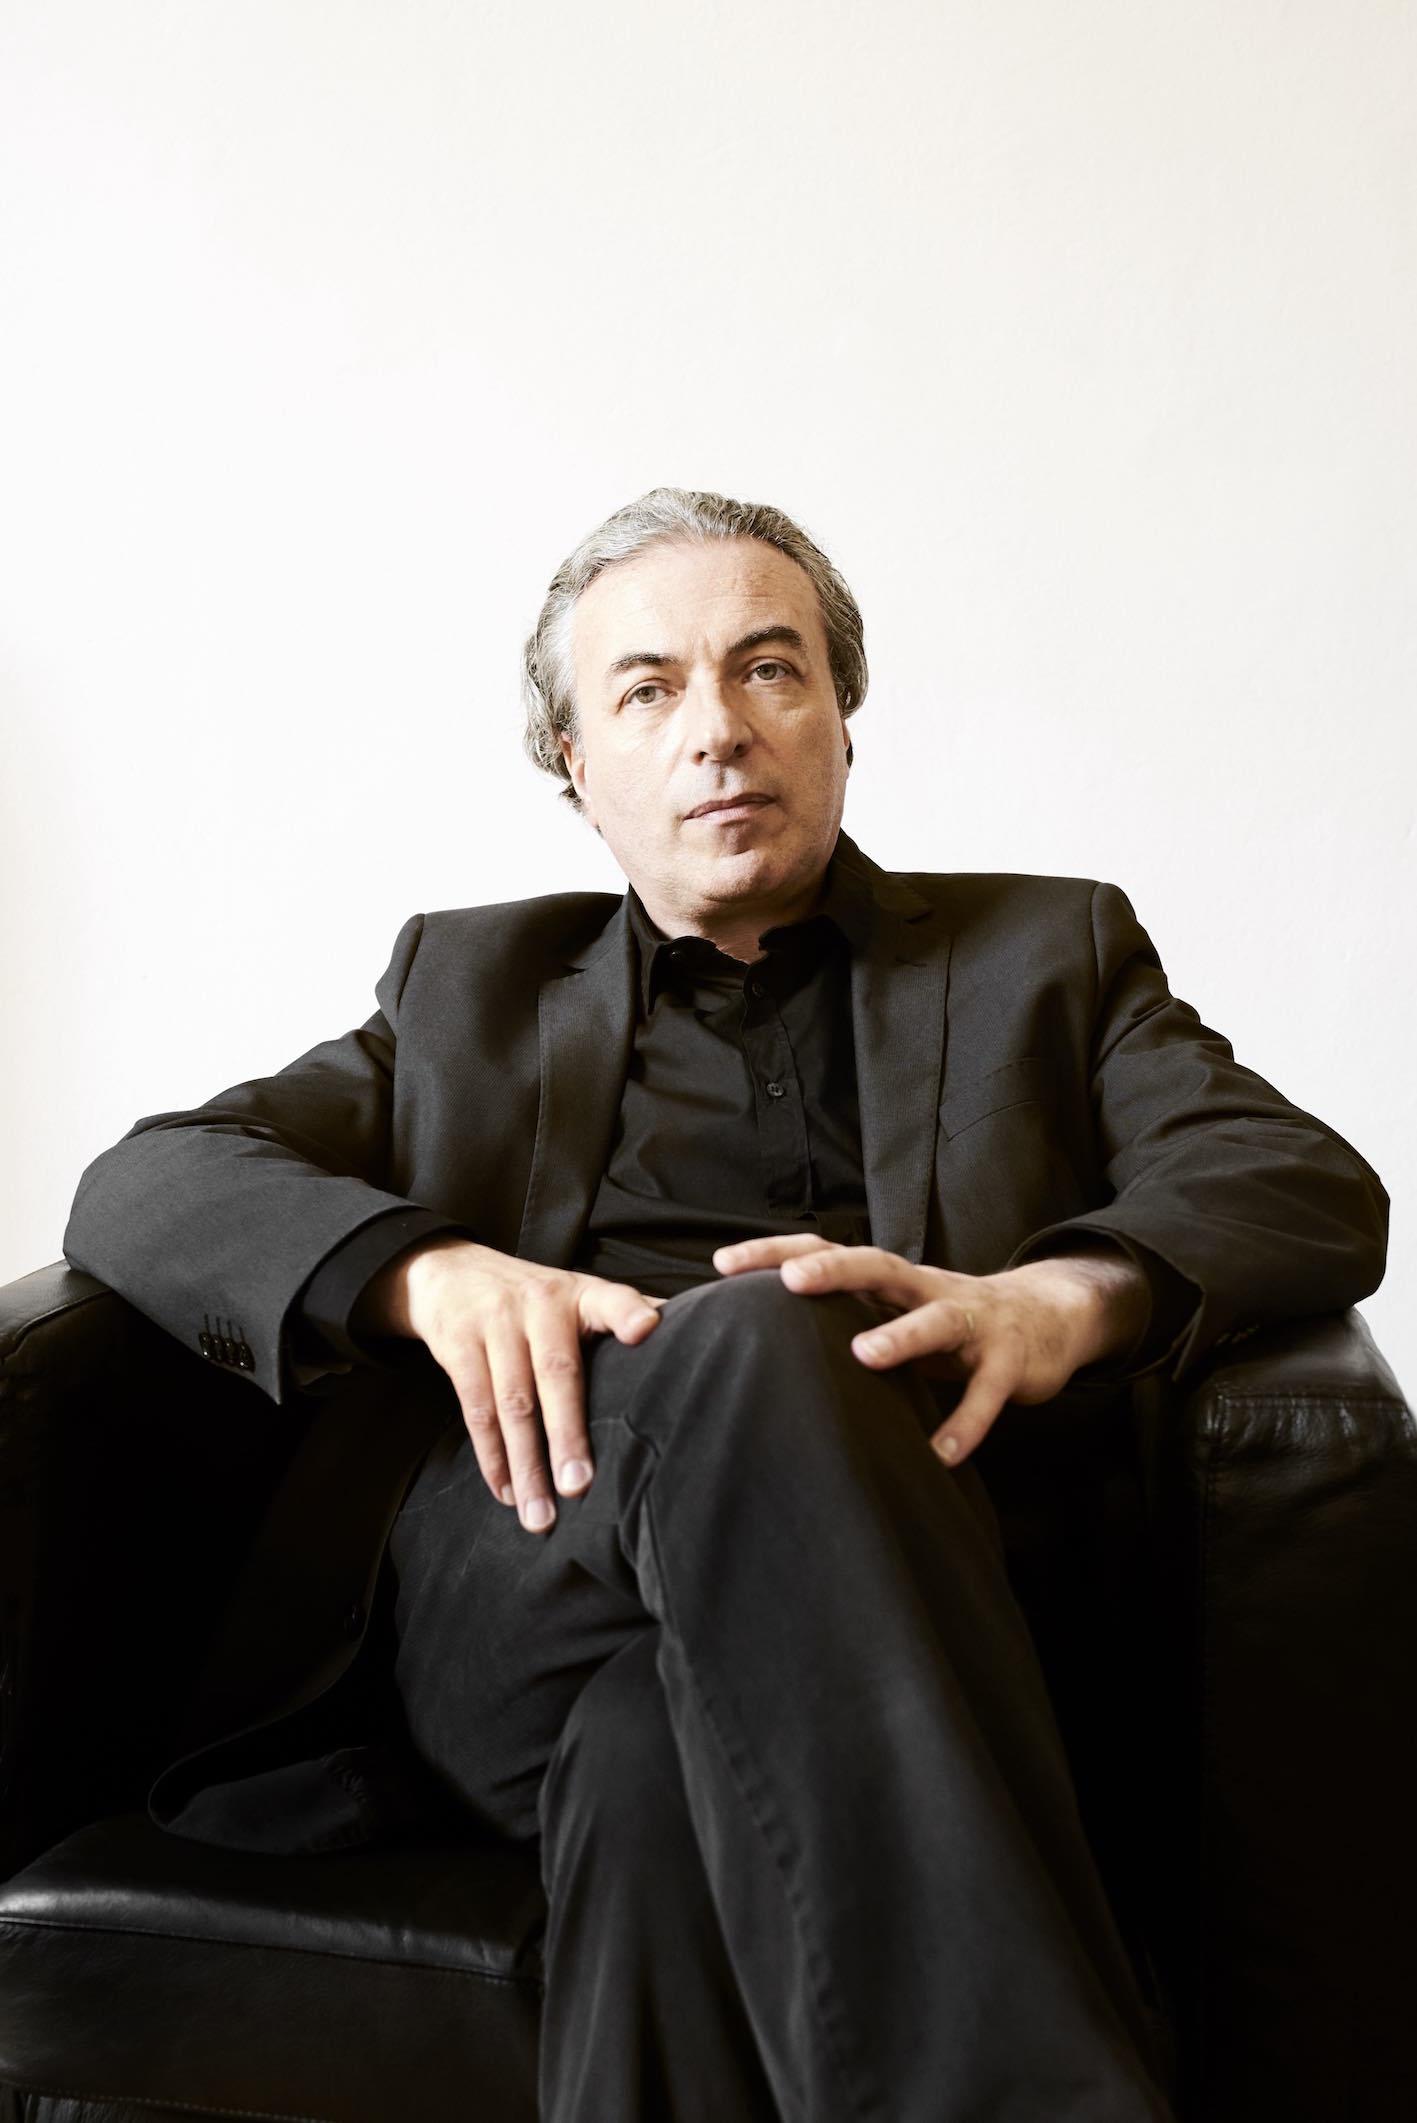 ALBERTO CAPRIOLI, FOTO GIOVANNI BORTOLANI